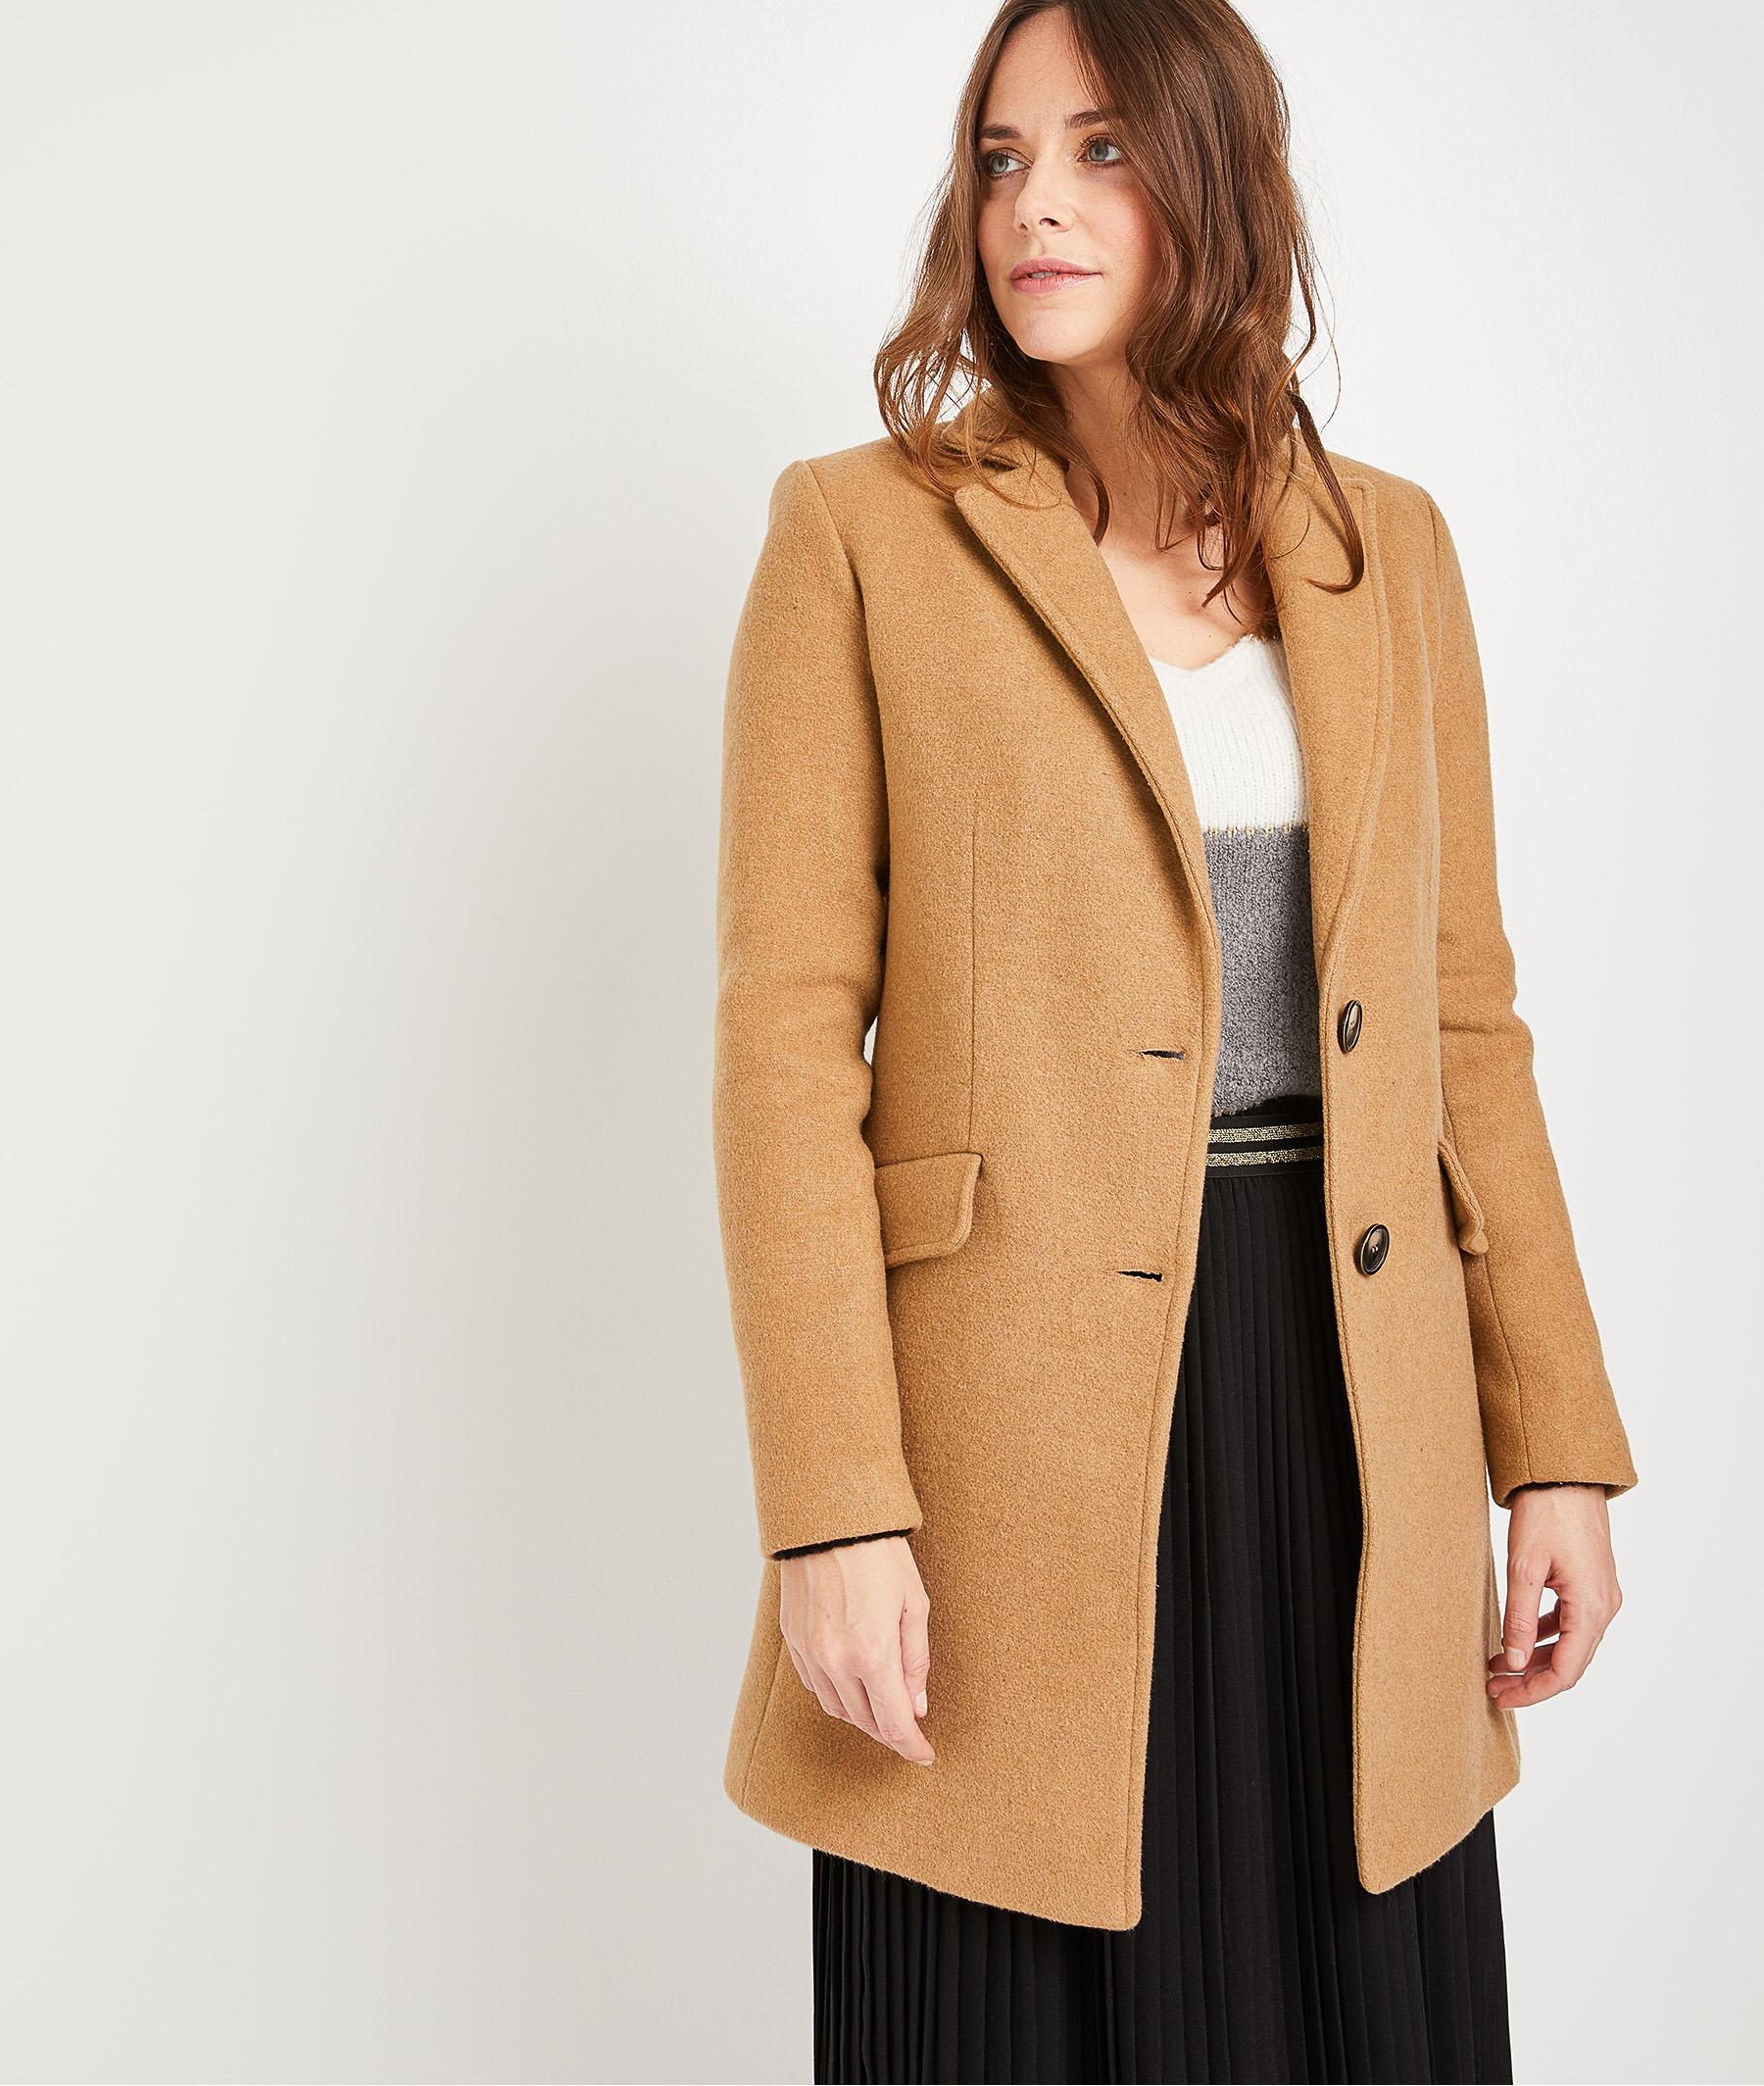 Manteau pardessus en lainage camel femme CAMEL